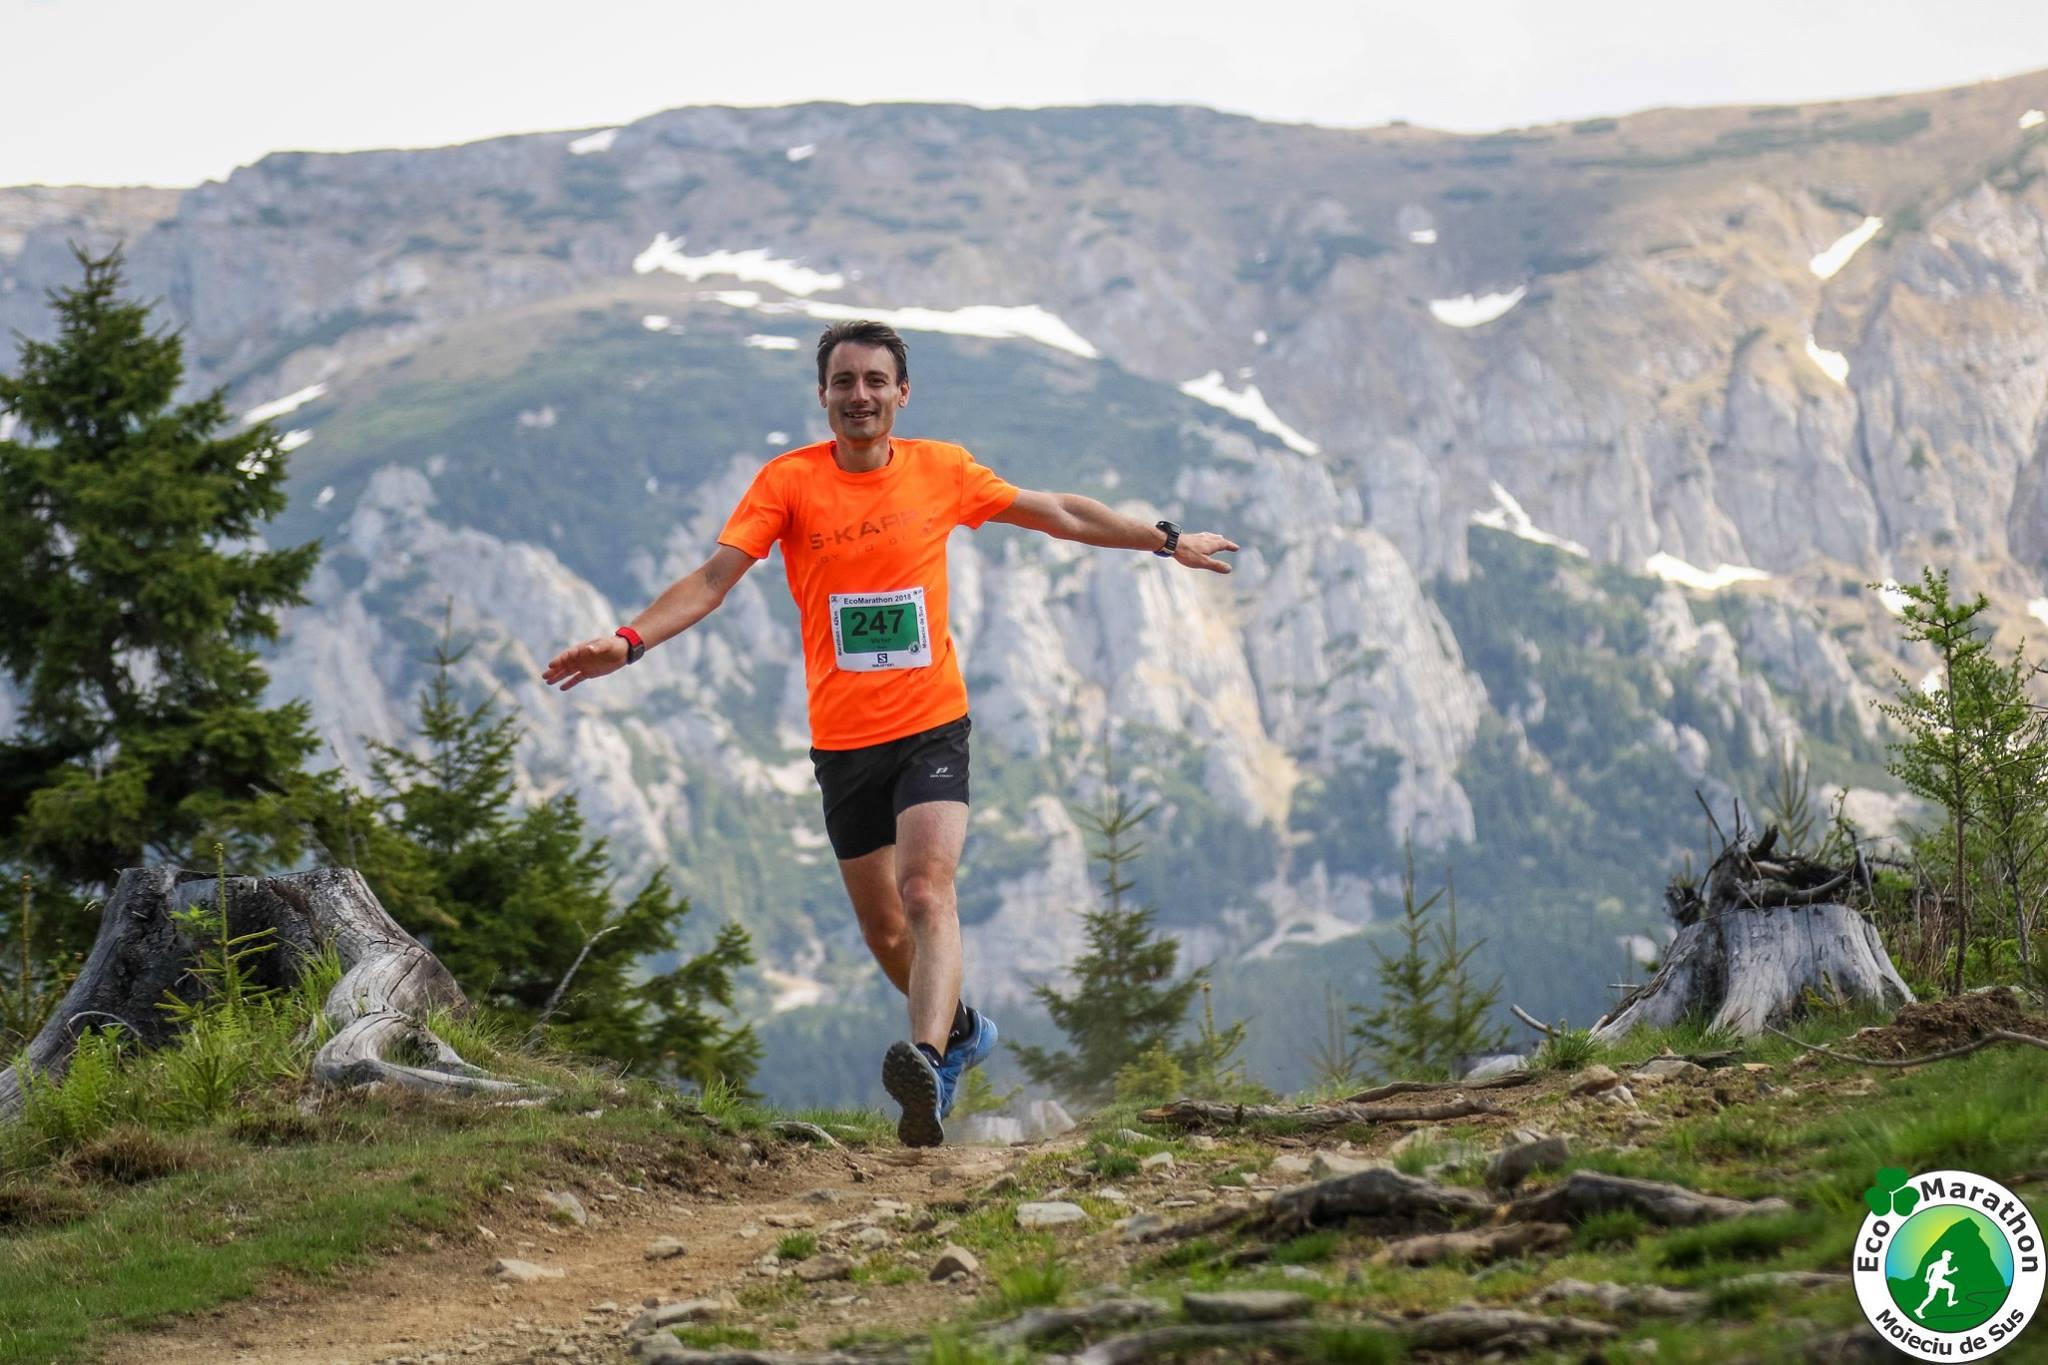 Victor Iliescu în alergare la Ecomaraton